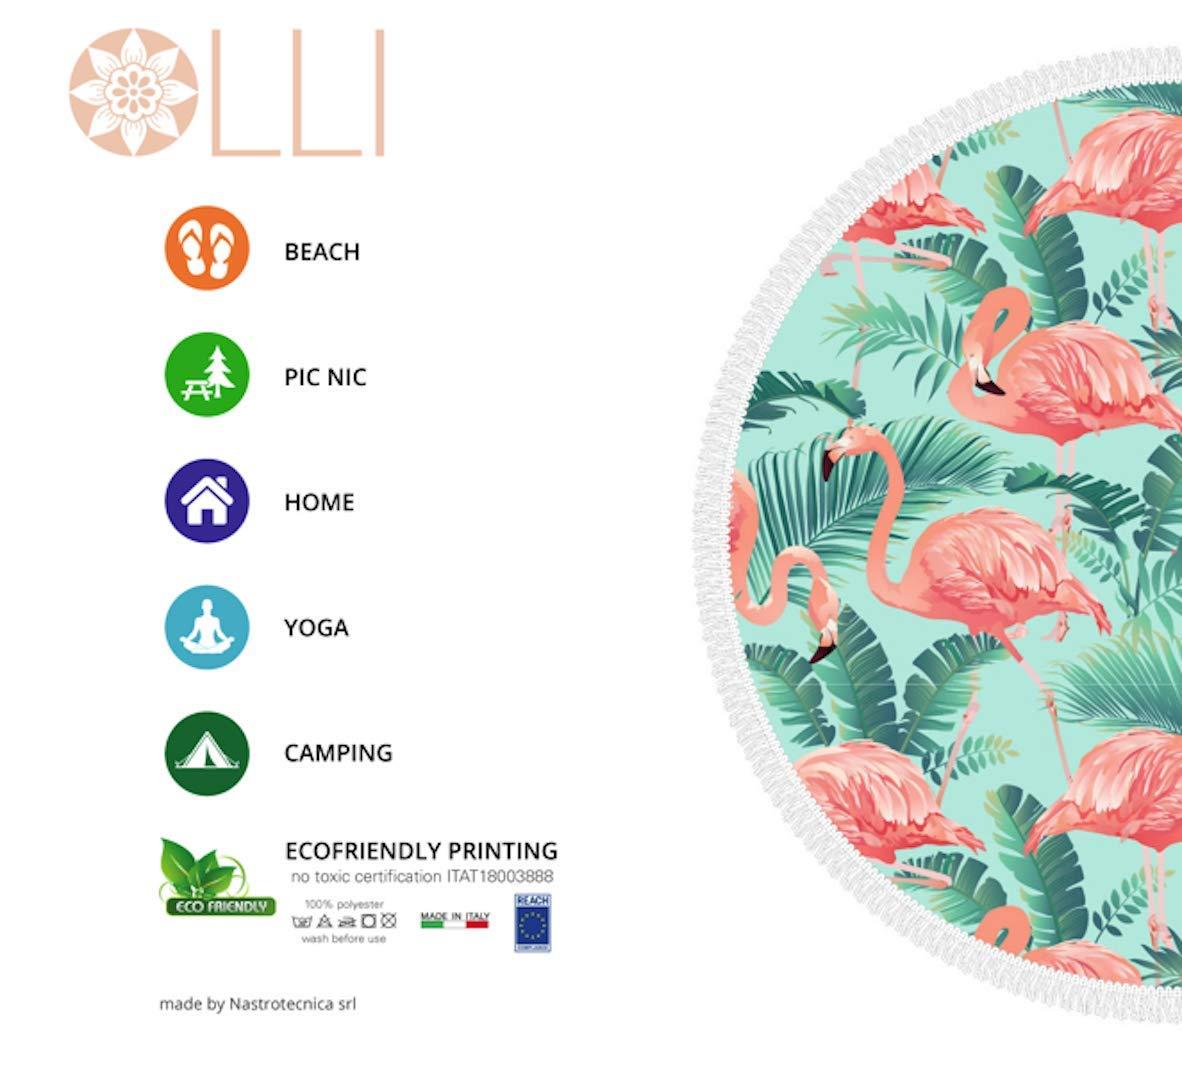 Ronde avec Franges 100/% Microfibre Multicouleur- Flamant Tropical Olli Serviette de Plage ECO Friendly Multi-Usages de Grande Taille Diam/ètre 156 cm Made in Italy